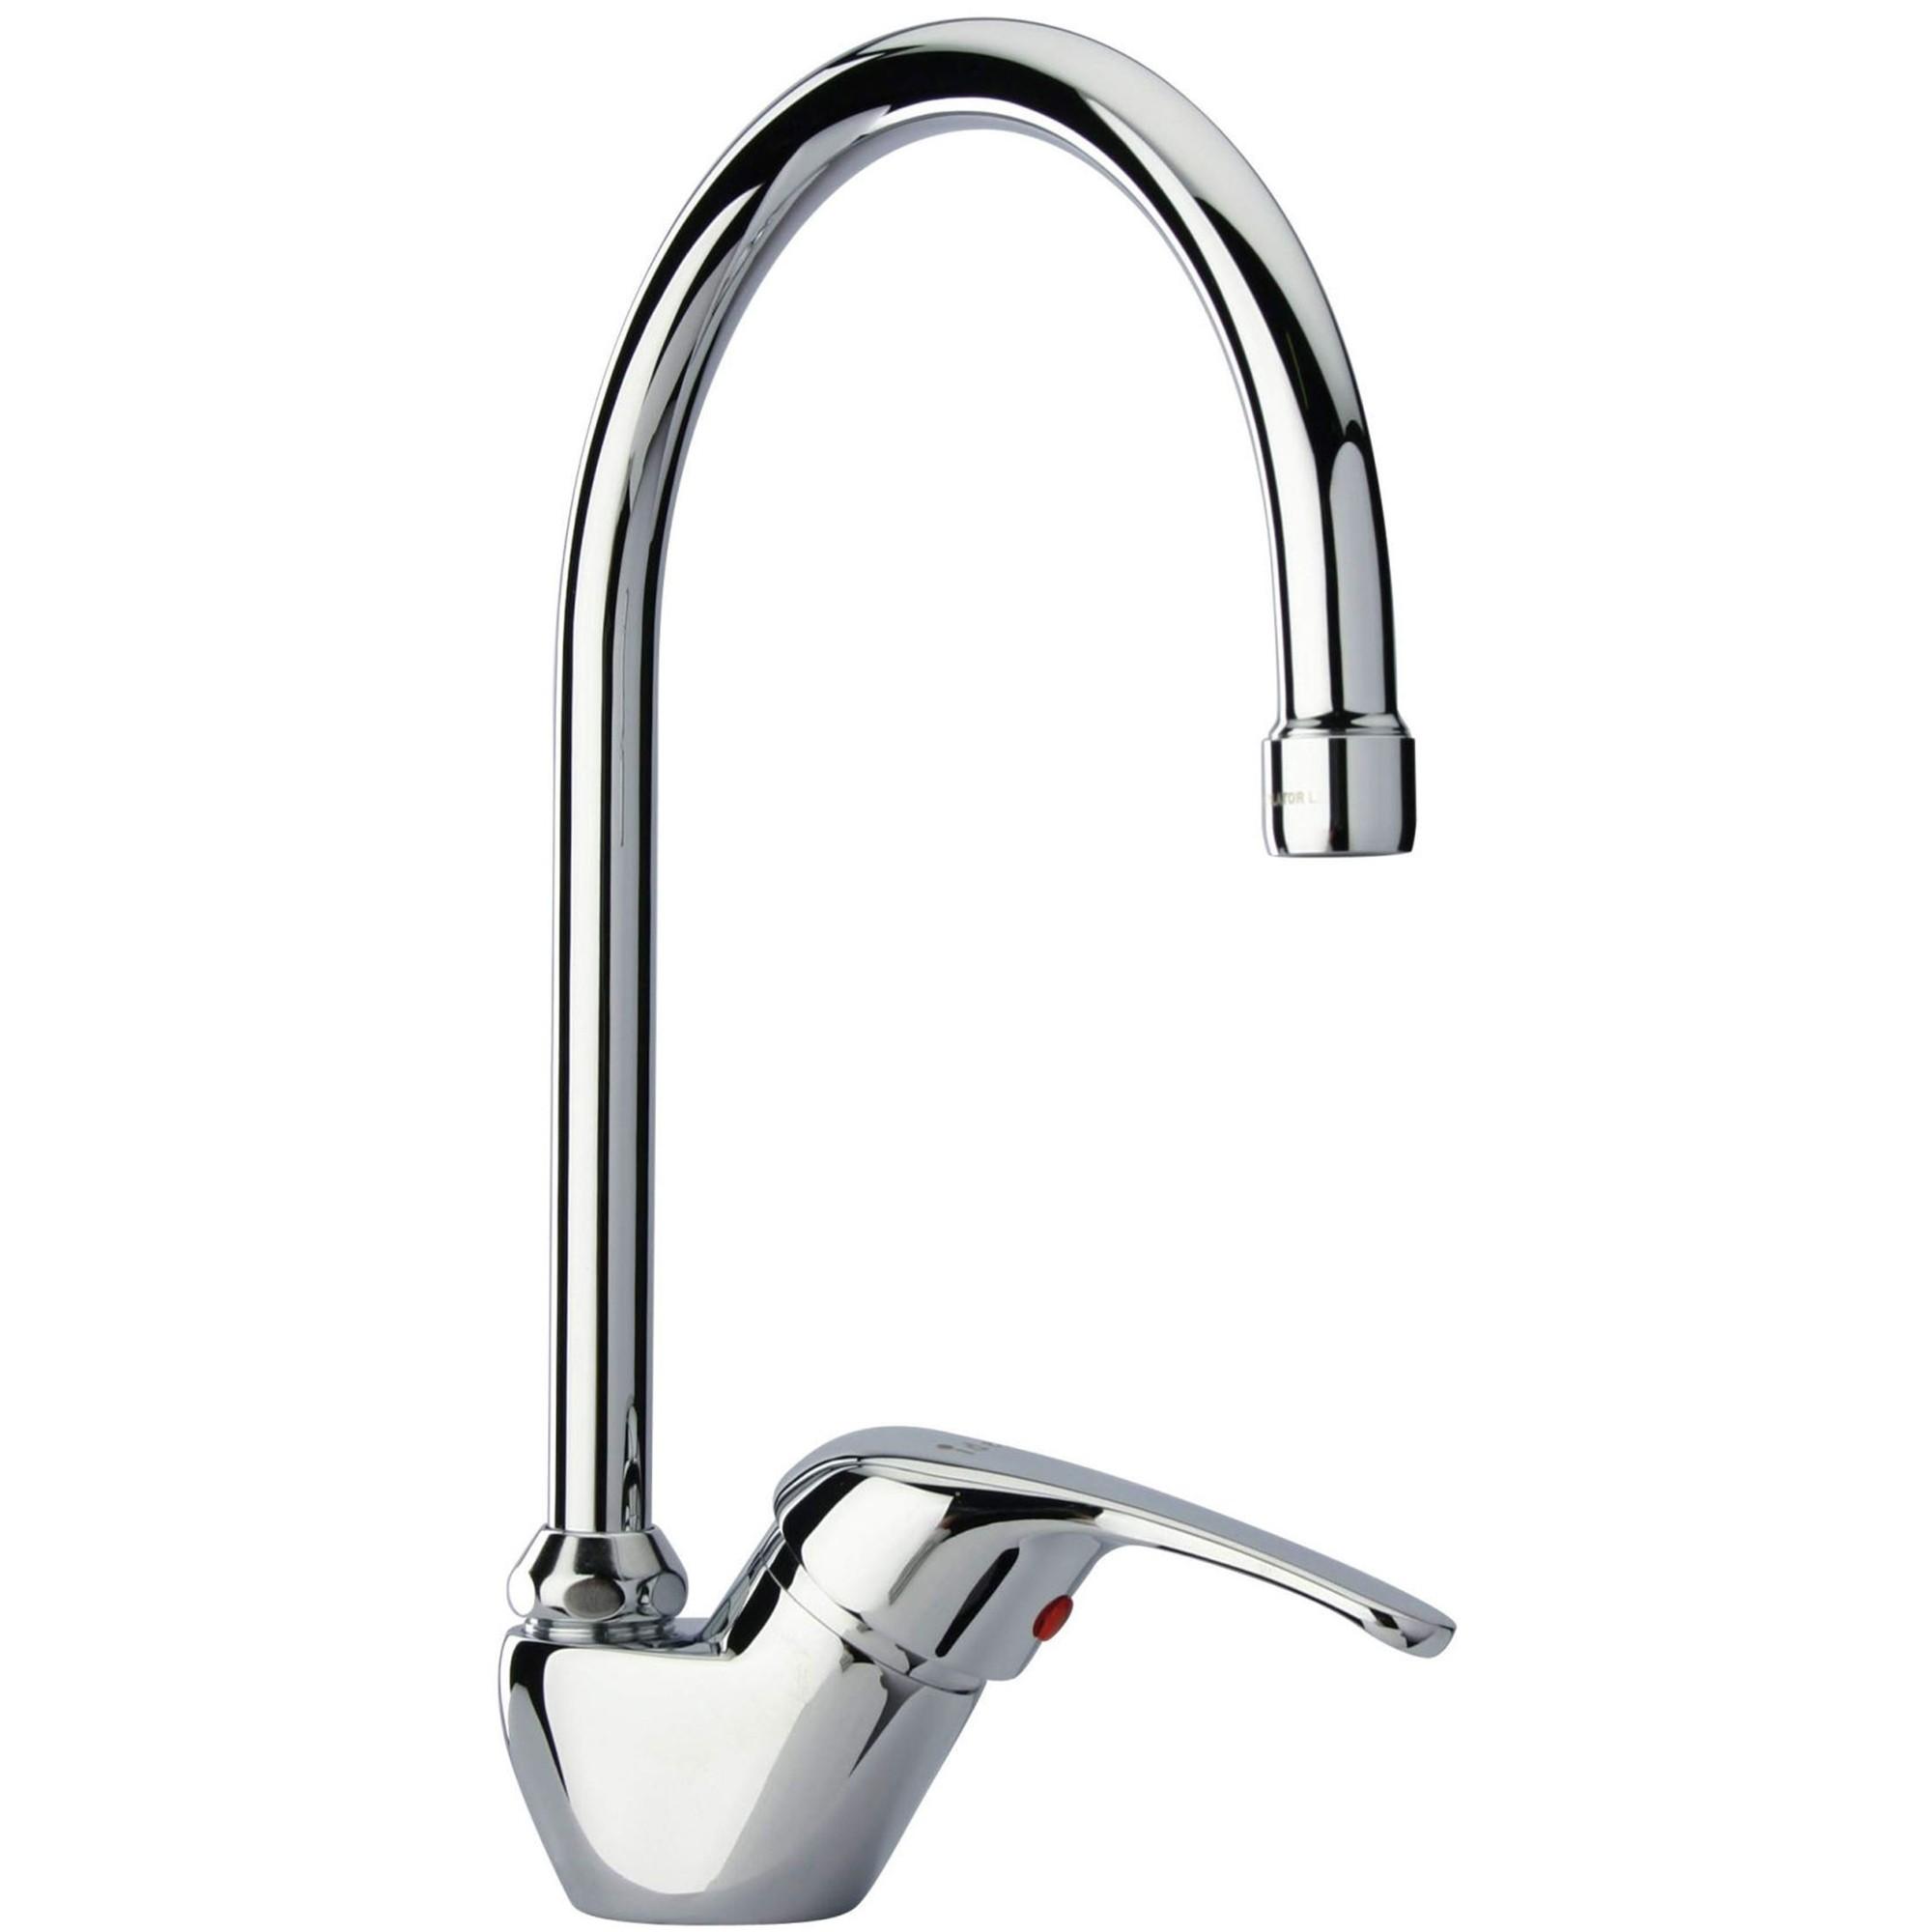 Mobile Per Lavabo Cucina dettagli su rubinetto miscelatore girevole mobile per lavandino lavello  cucina kit montaggio